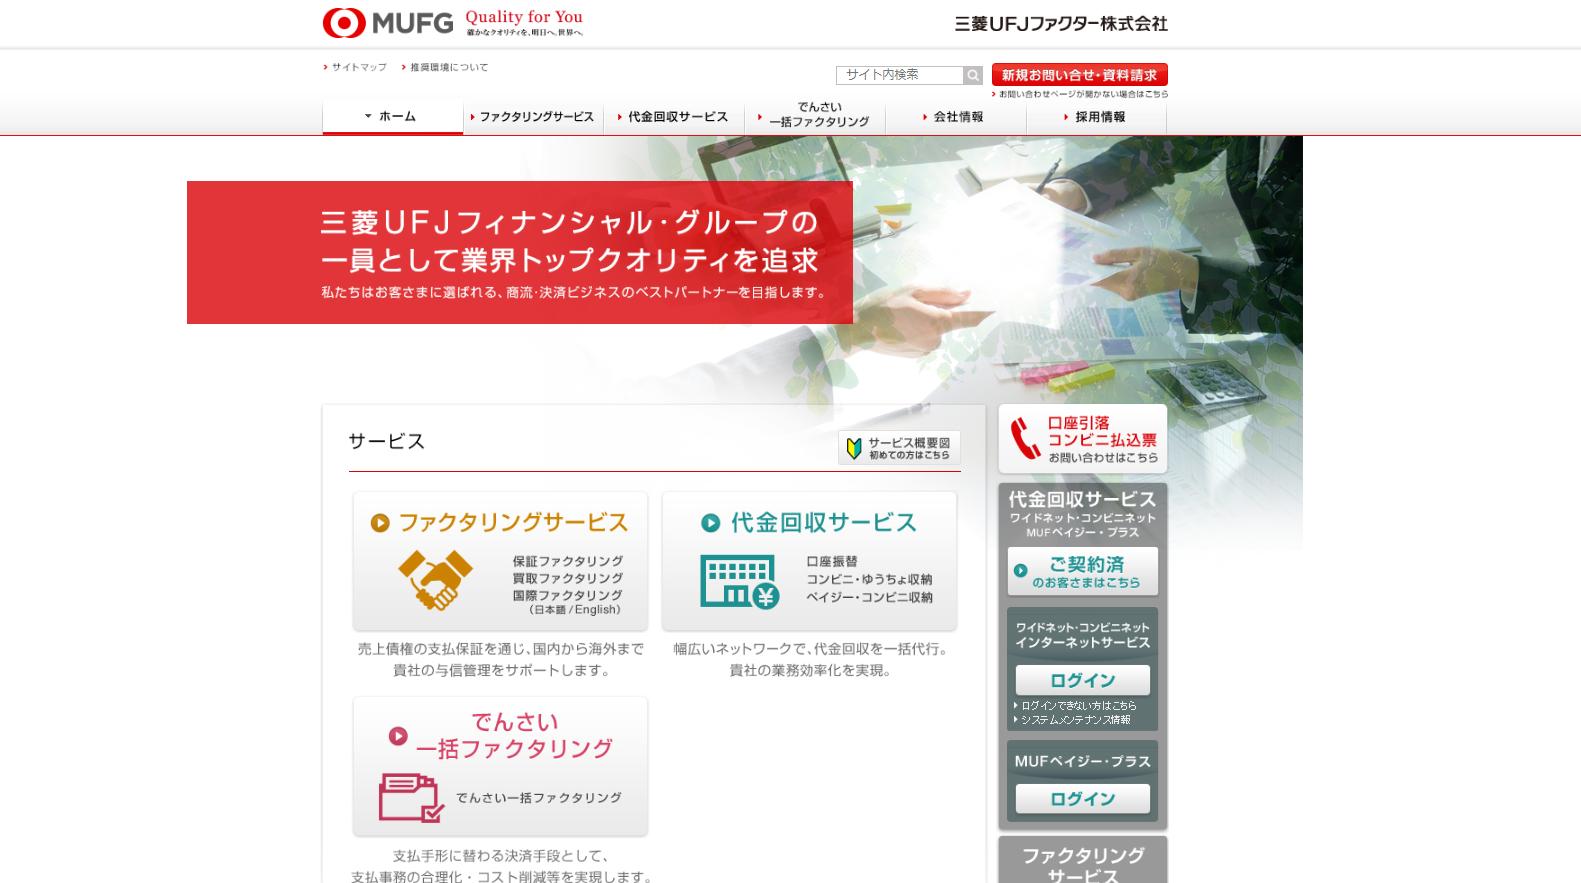 三菱UFJファクターHPイメージ